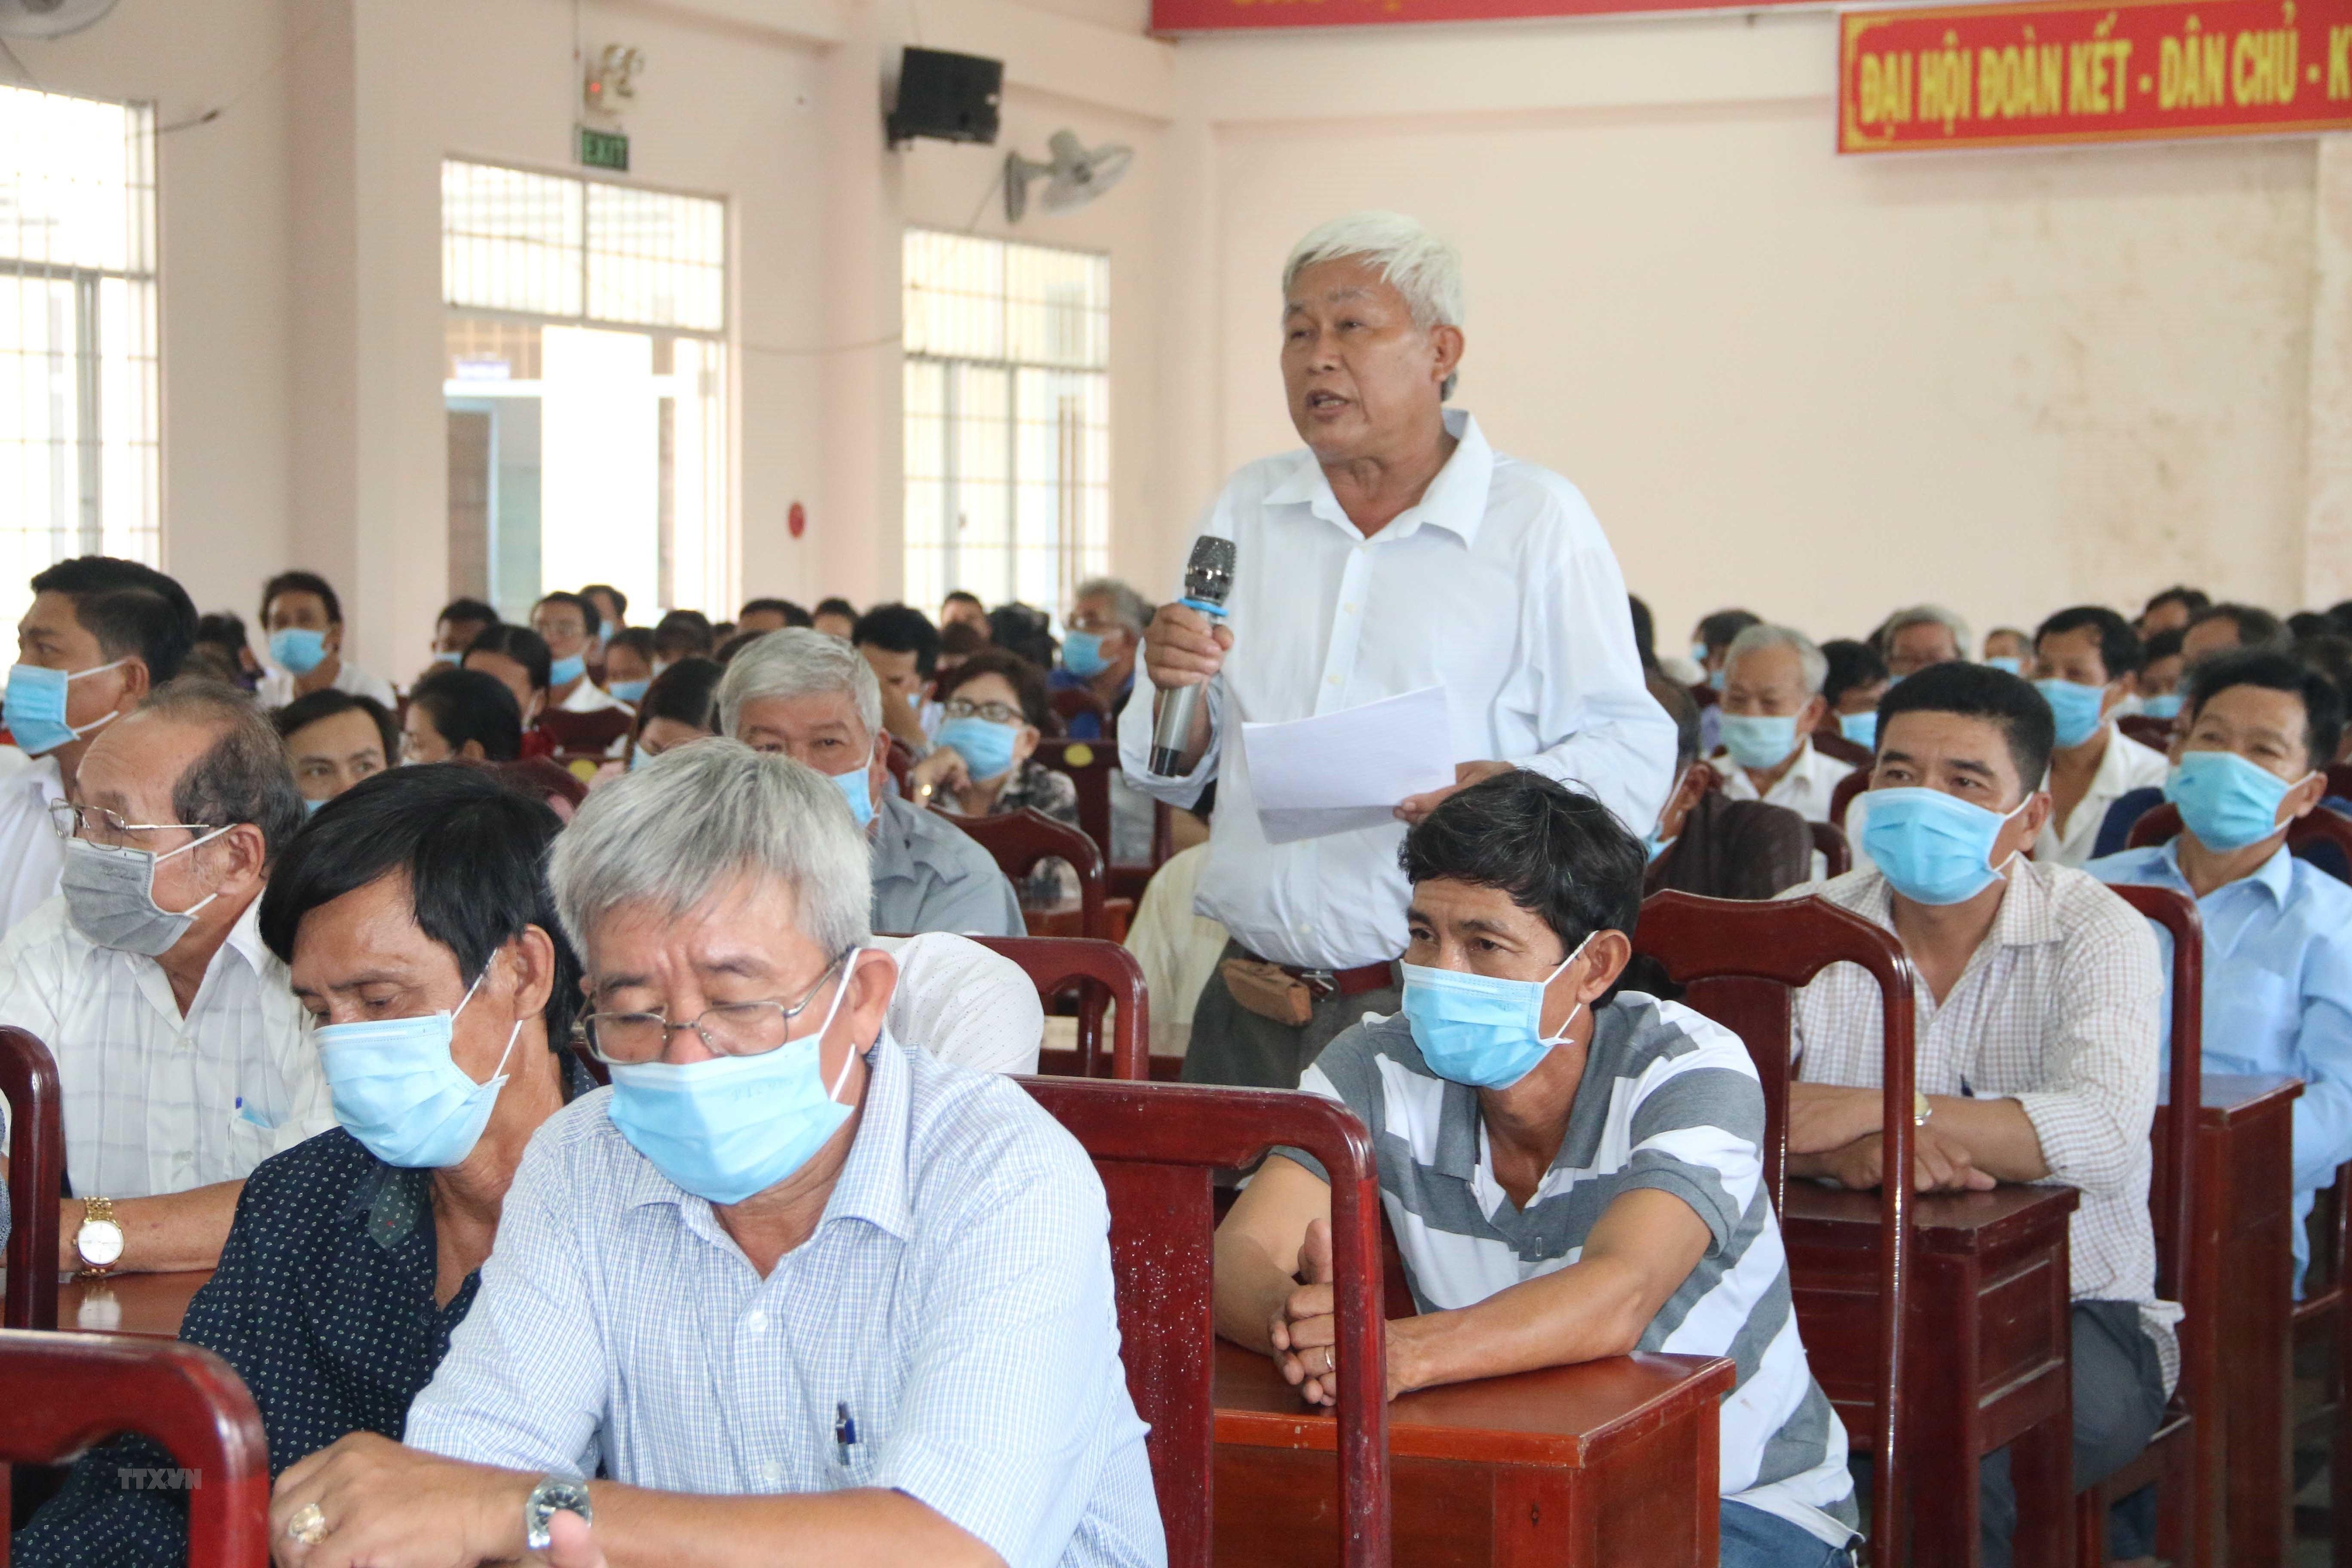 Bau cu QH va HDND: Tuyen truyen sau rong trong dong bao Khmer hinh anh 2